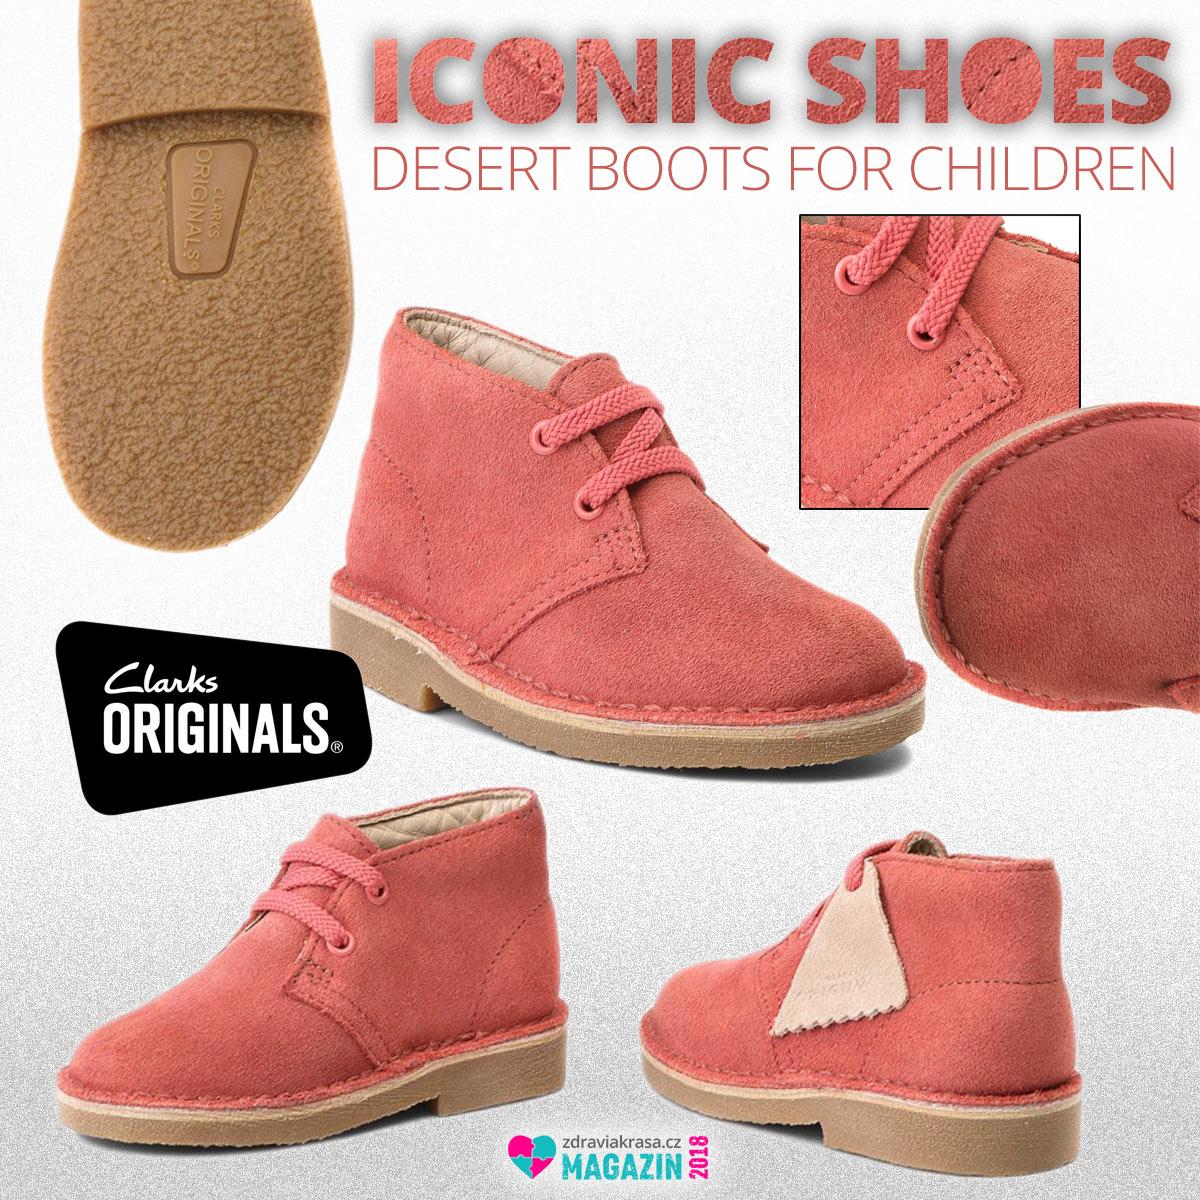 Ikonické boty Desert Boots od Clarks – tentokrát jako Desert Boots pro děti.